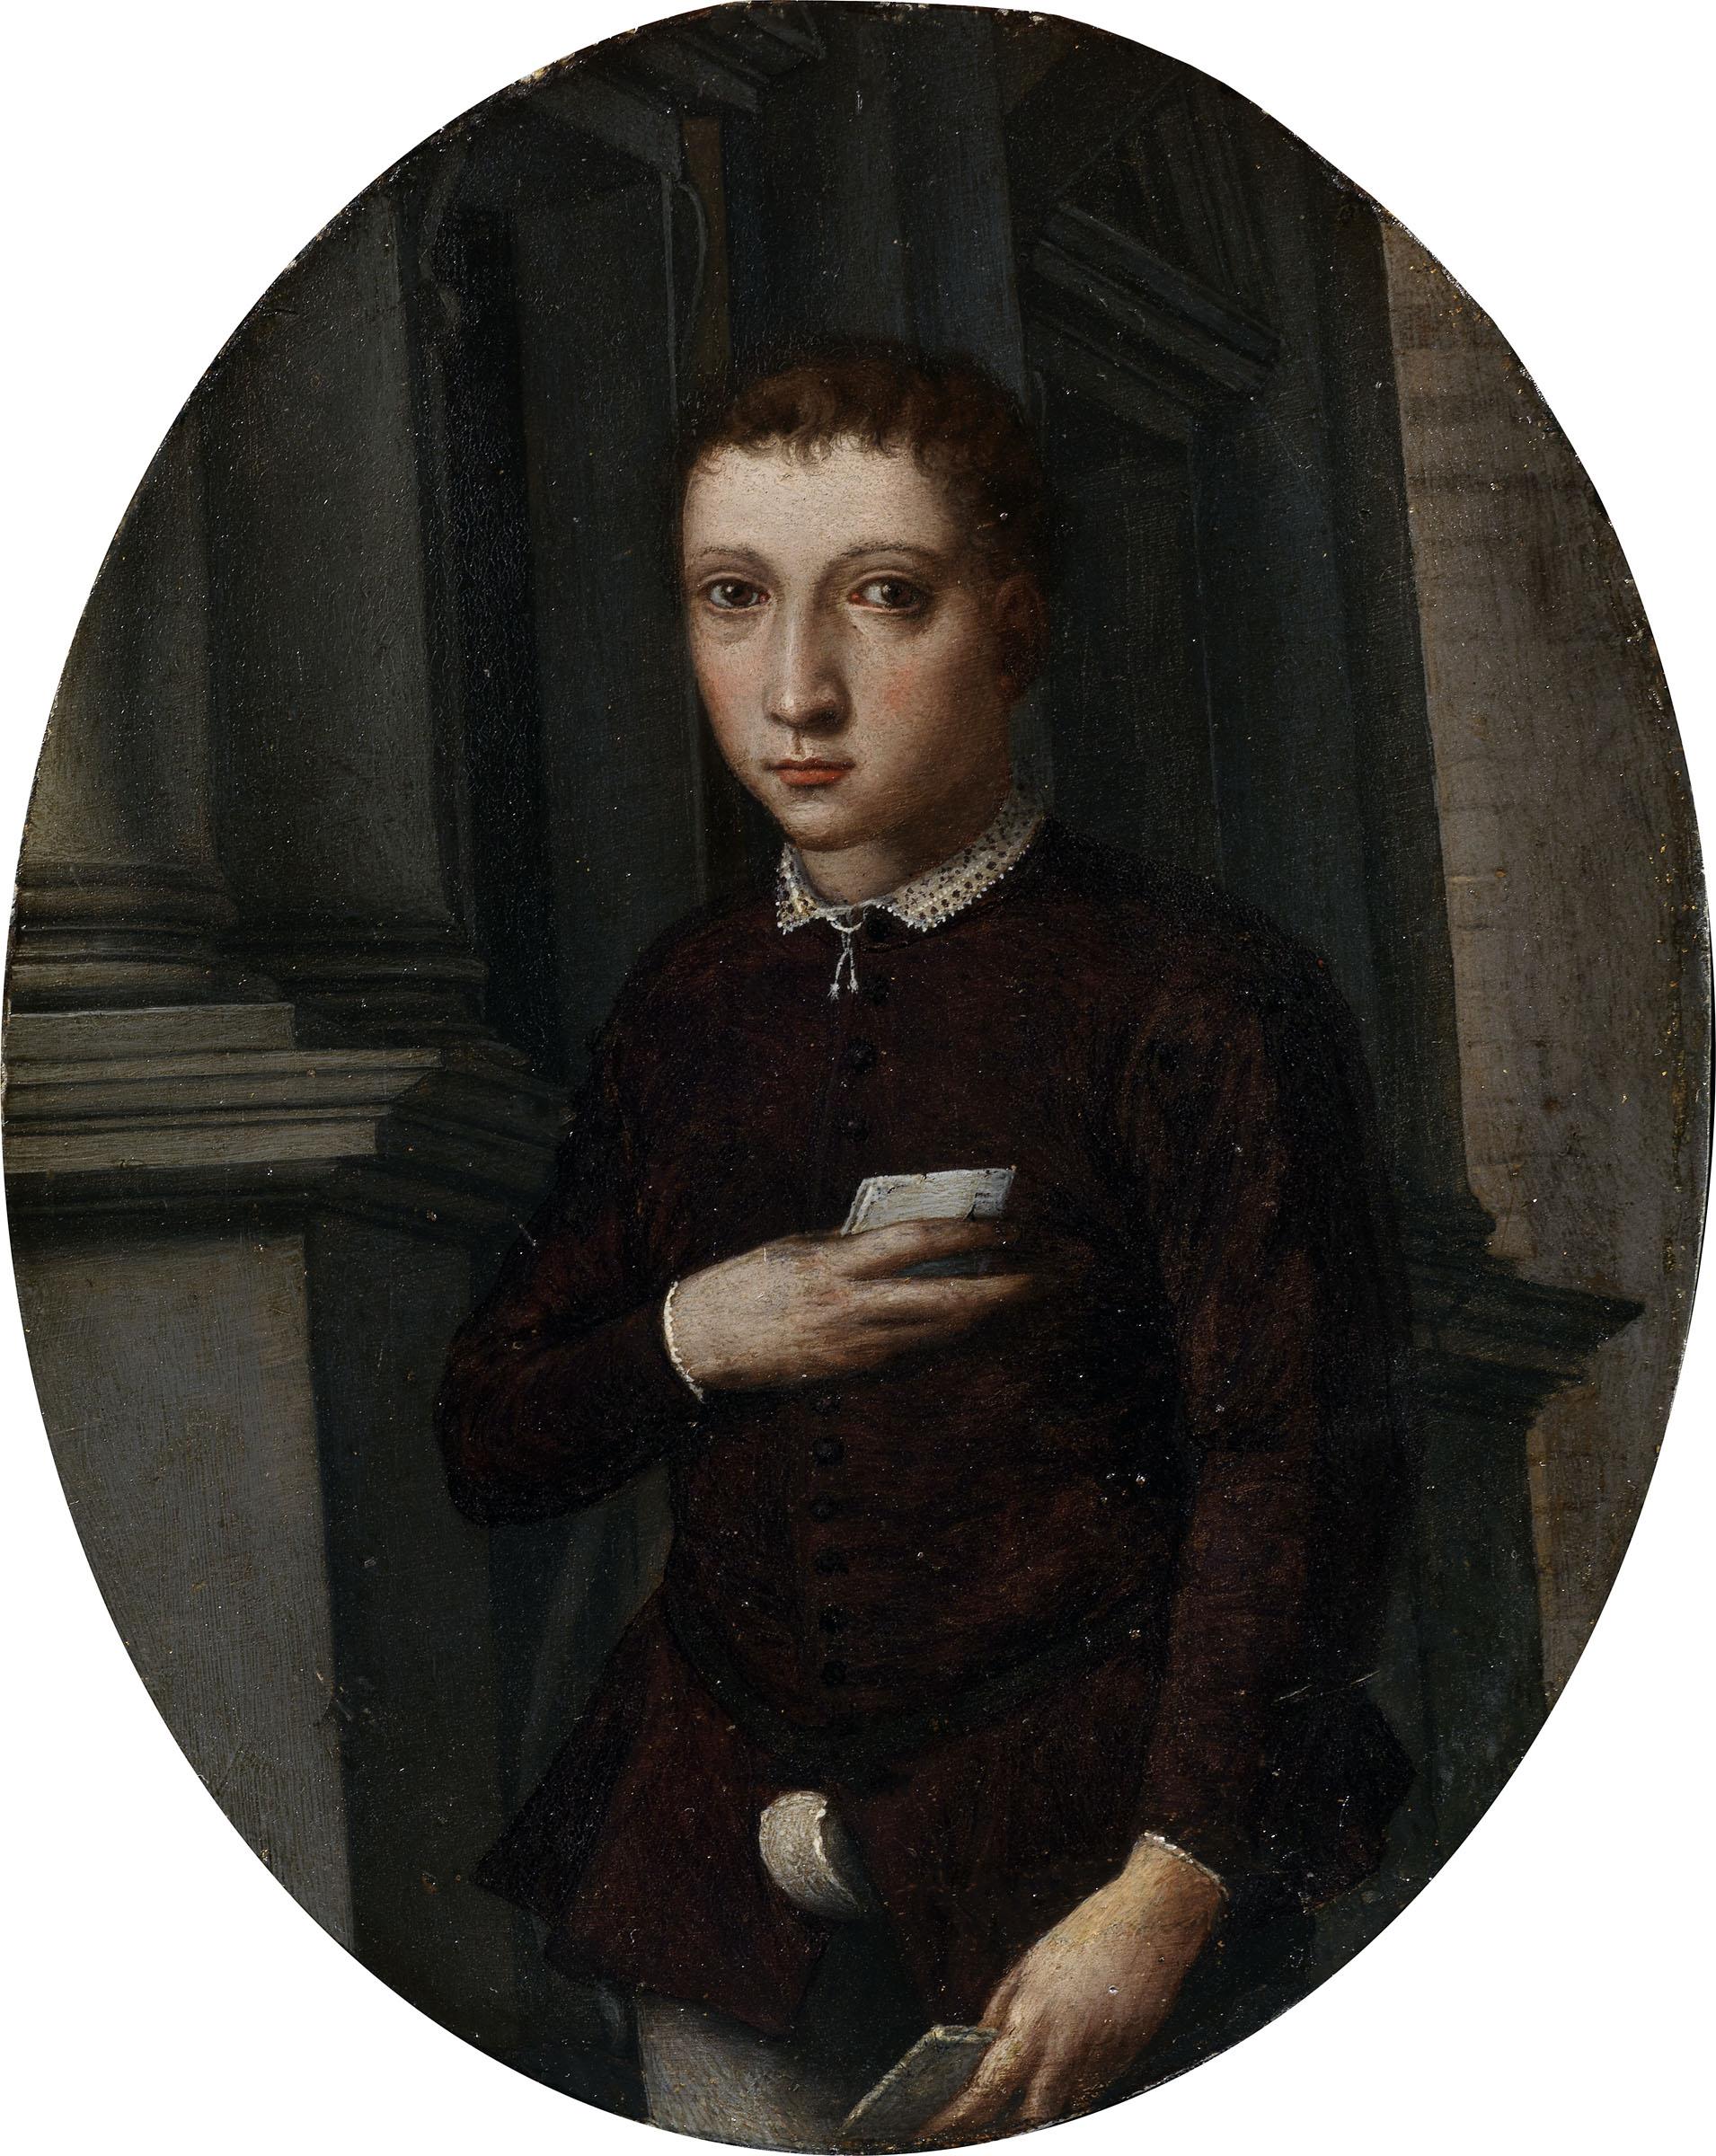 cuola di Bronzino Ritratto di Francesco I de' Medici o Piero de' Medici sec. XVI (1560 ca.) olio su stagno, 15,9 x 12,5 cm Galleria degli Uffizi, Inv. 1890 n. 4040